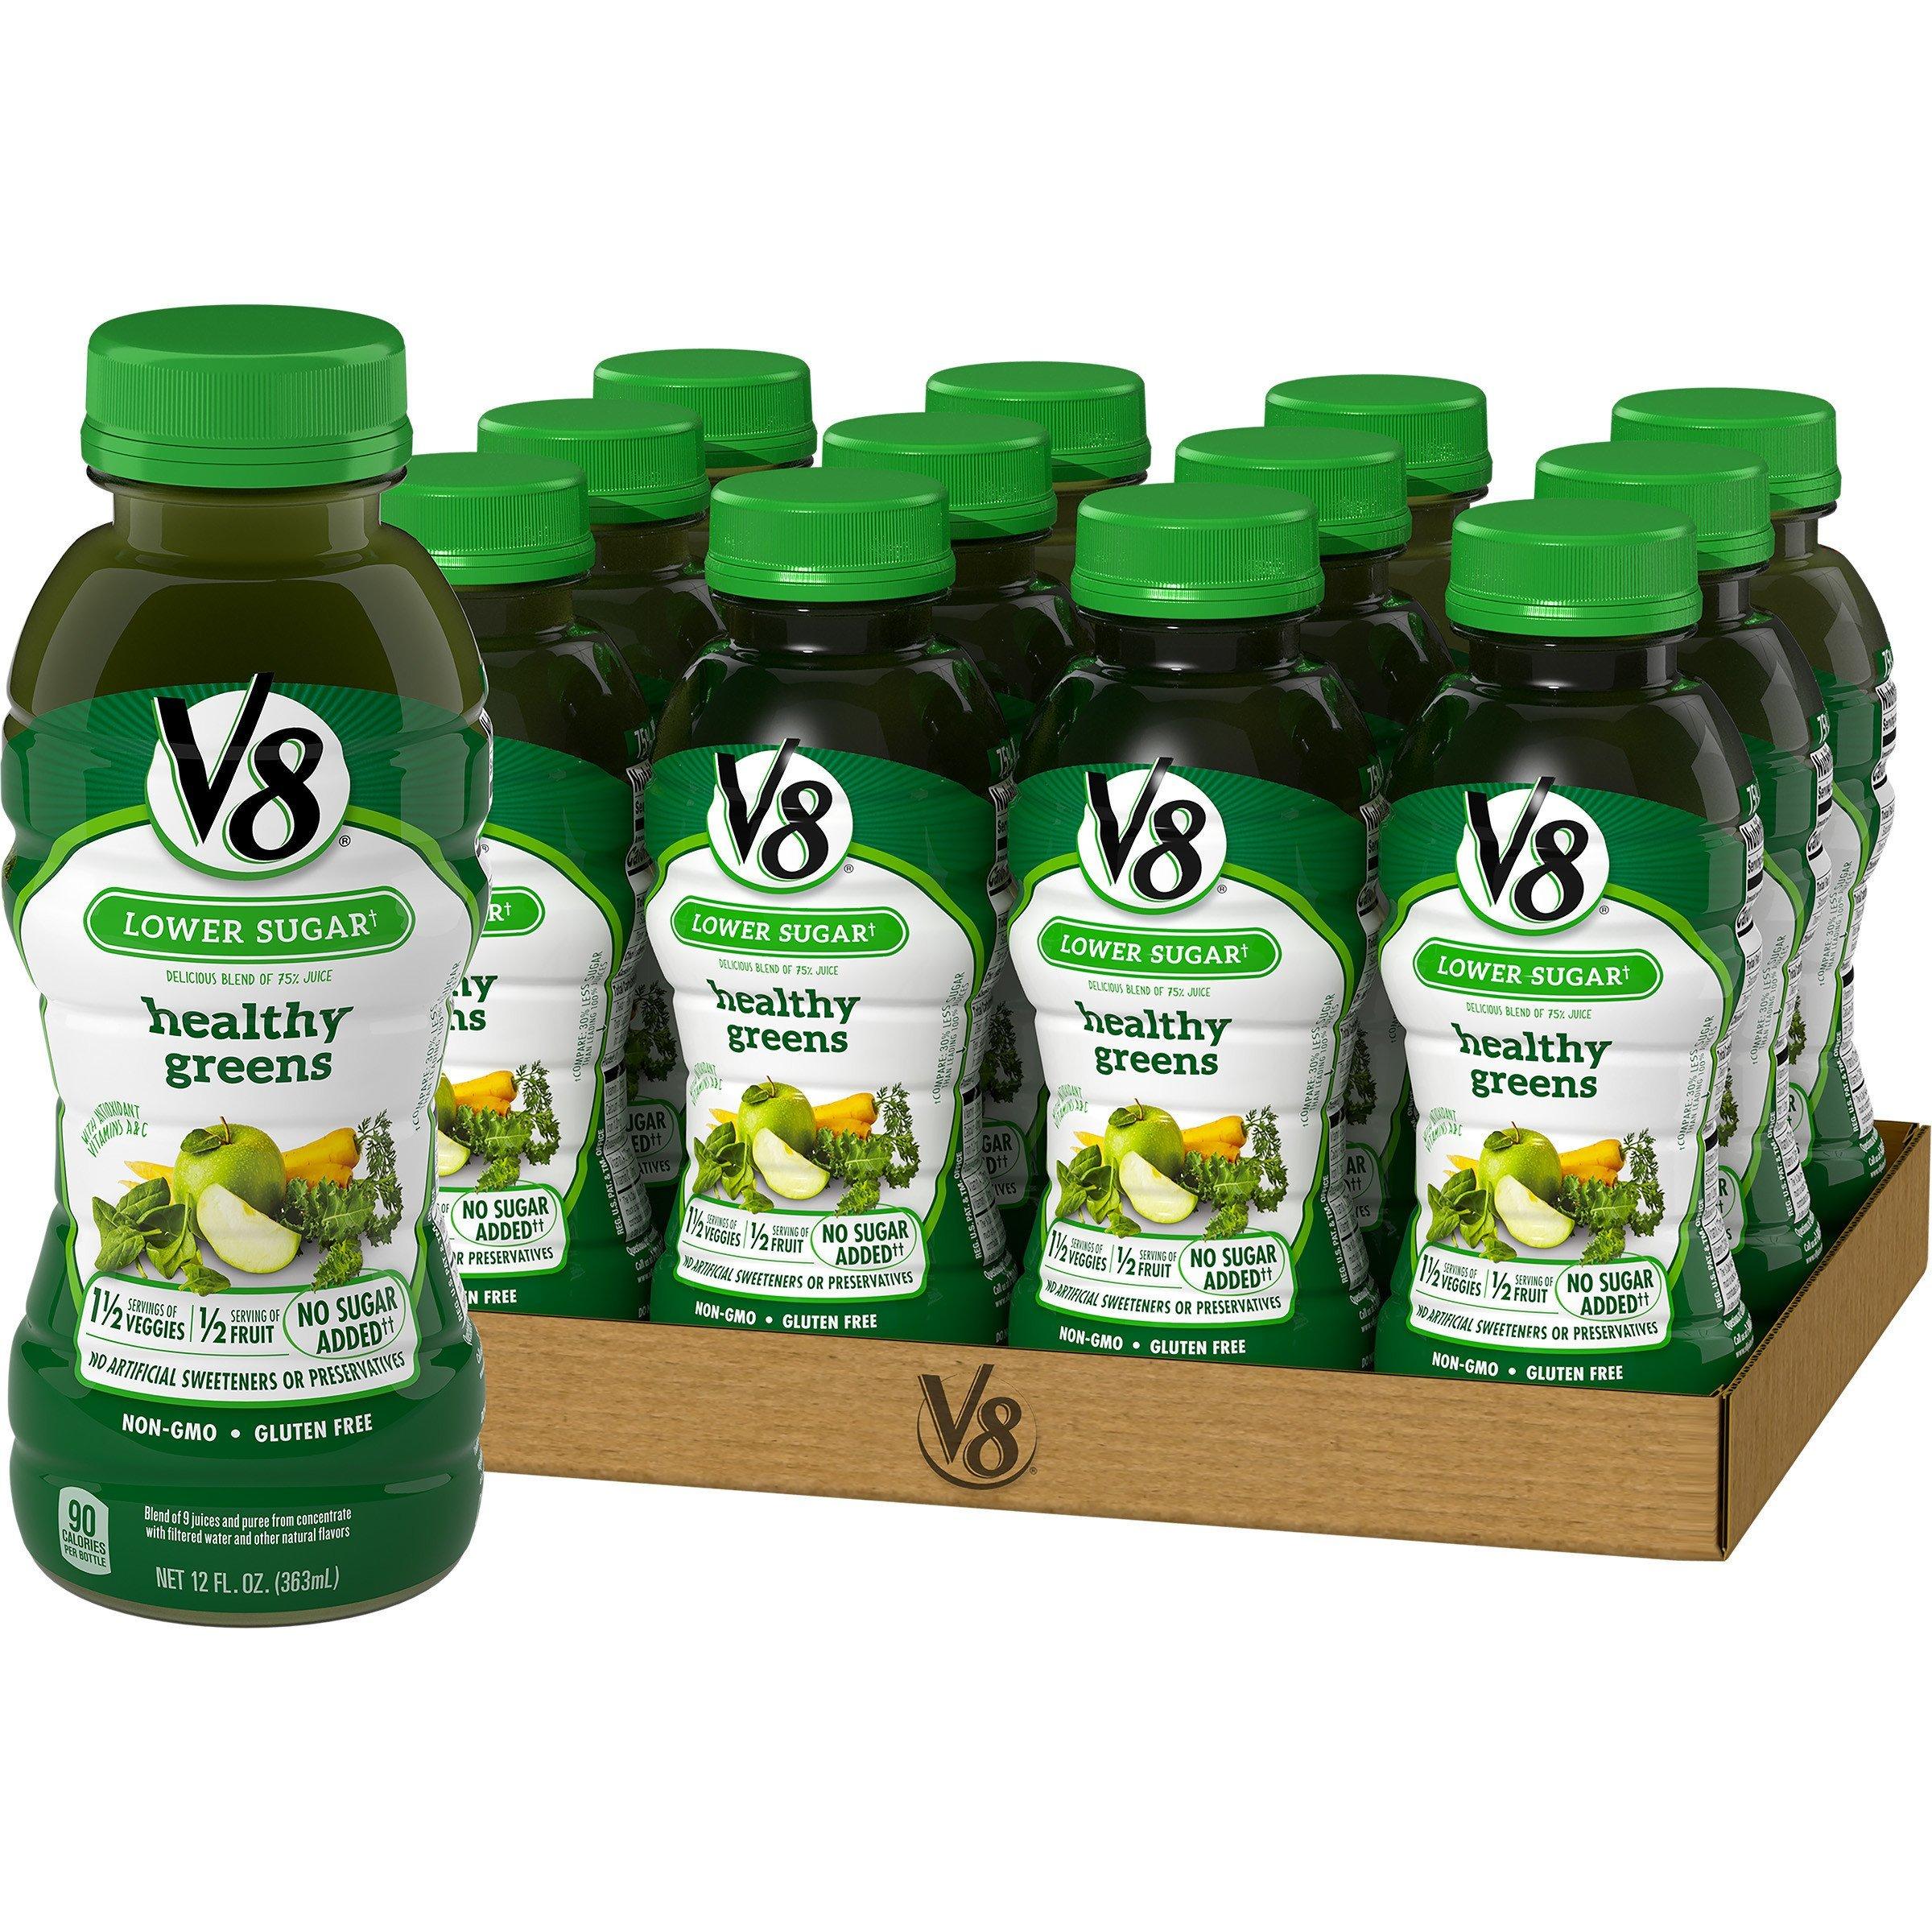 V8 Healthy Greens, 12 oz. Bottle (Pack of 12)